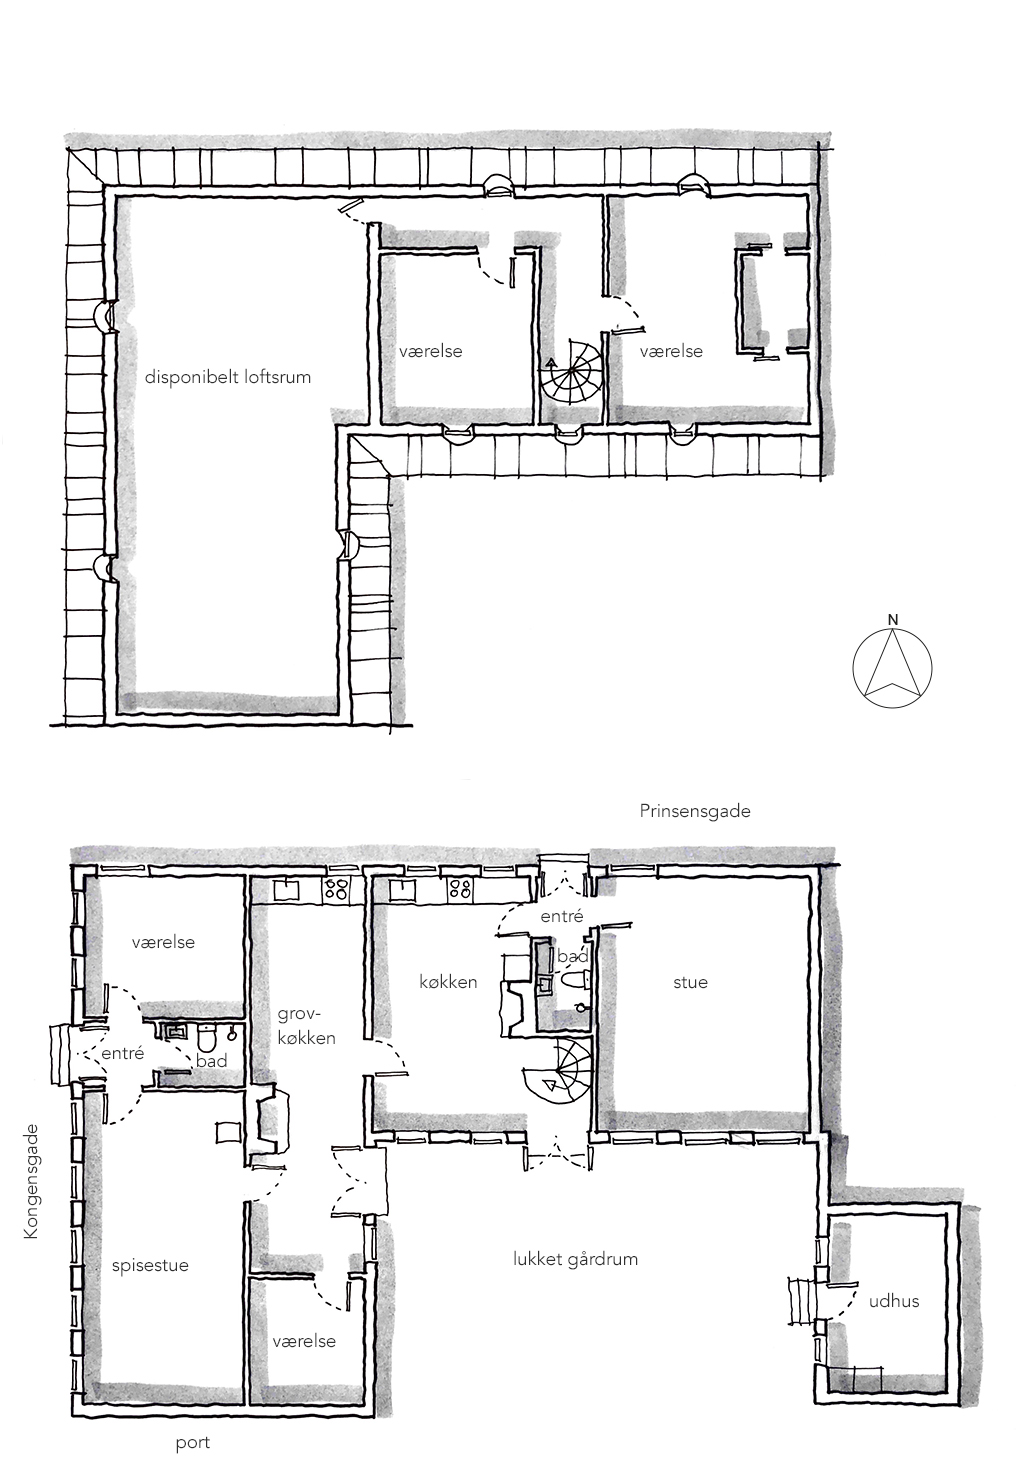 Planskitse af Nordstjernen, arkitekttegning